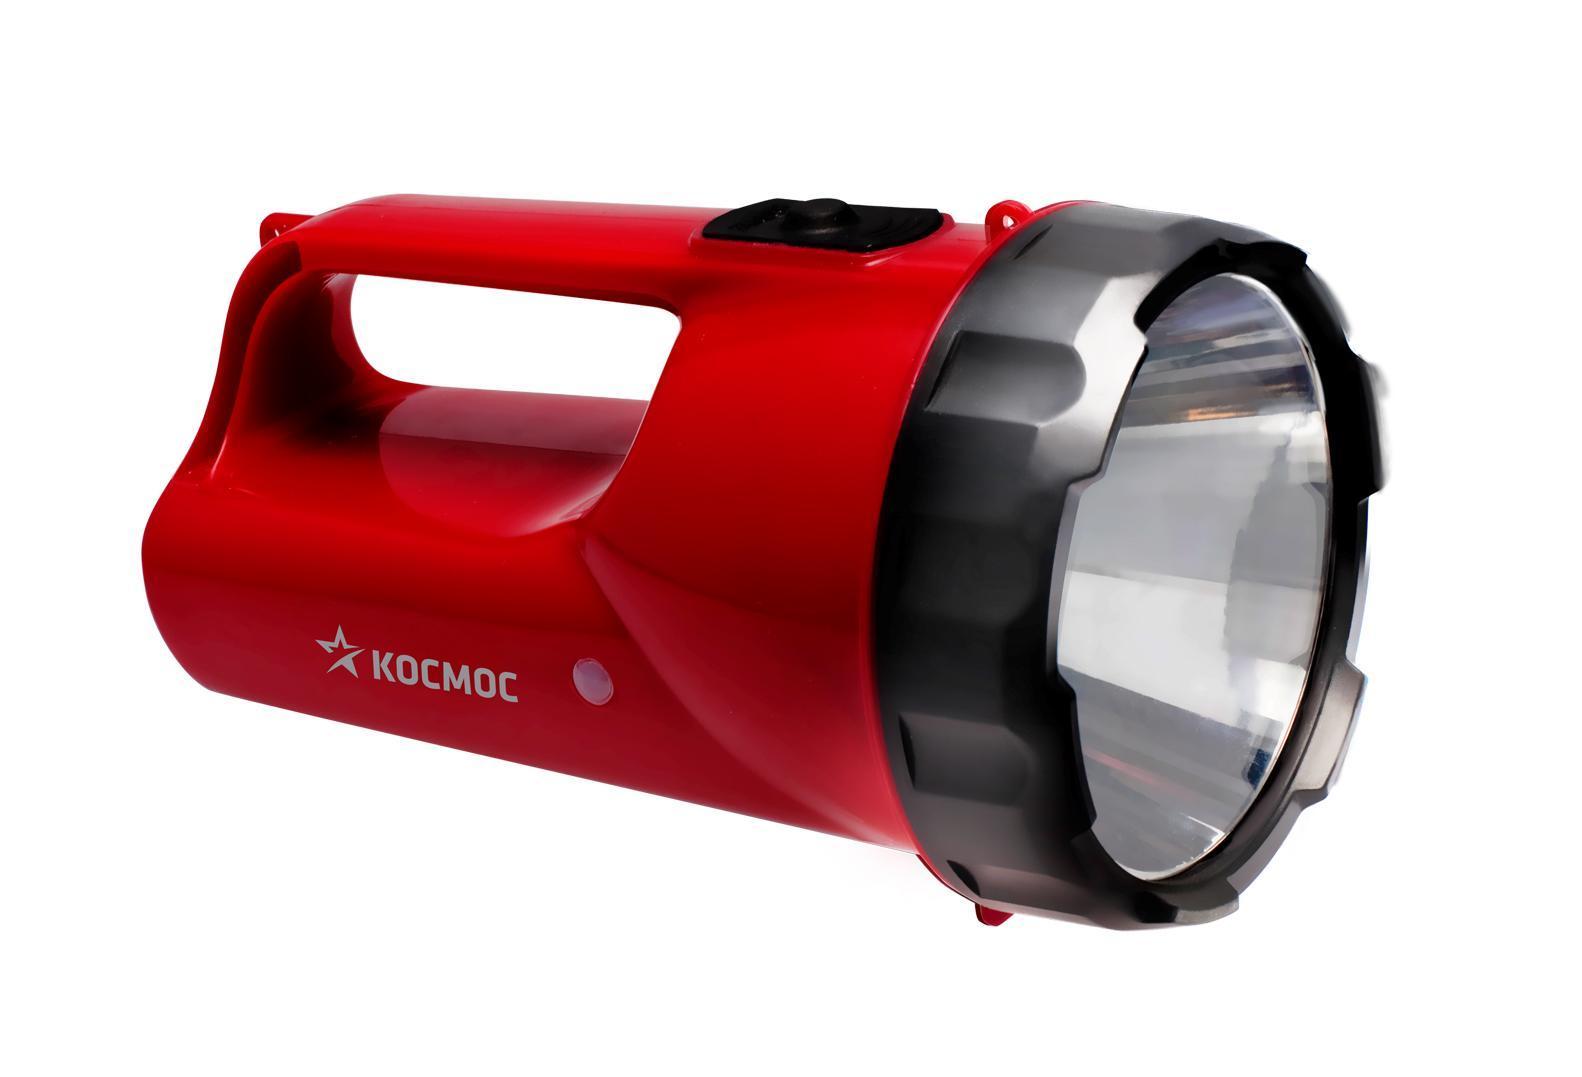 Фонарь-прожектор аккумуляторный Космос, цвет: красный. Модель 9191KOCAccu9191LEDФонарь-прожектор Kosmos KOCAccu9191LED весит 0,45 кг. Источником света служит 1 светодиодная лампа, которая дает длину светового луча 250 метров. Работает от аккумулятора. Удобен для использования дома и на природе. Время работы - 16 часов. Характеристики: Емкость аккумуляторной батареи: 6V/2Ah. Напряжение: 6 V. Дальность свечения: 250 м. Рабочие температуры фонаря (при полностью заряженной батарее): от - 10°С до +40°С. Характеристики: Материал: пластик, стекло, металл, текстиль. Размер фонаря: 16 см х 10 см х 10 см. Емкость аккумуляторной батареи: 6V/2Ah. Напряжение: 6 V. Дальность свечения: 250 м. Яркость свечения: 240 лм: Рабочие температуры фонаря (при полностью заряженной батарее): от - 10°С до +40°С. Размер упаковки: 19,5 см х 13 см х 13 см. Производитель: Россия. Изготовитель: Китай. Артикул: KOCAP2008A-LED. Прилагается инструкция по эксплуатации на русском языке. Космос -...